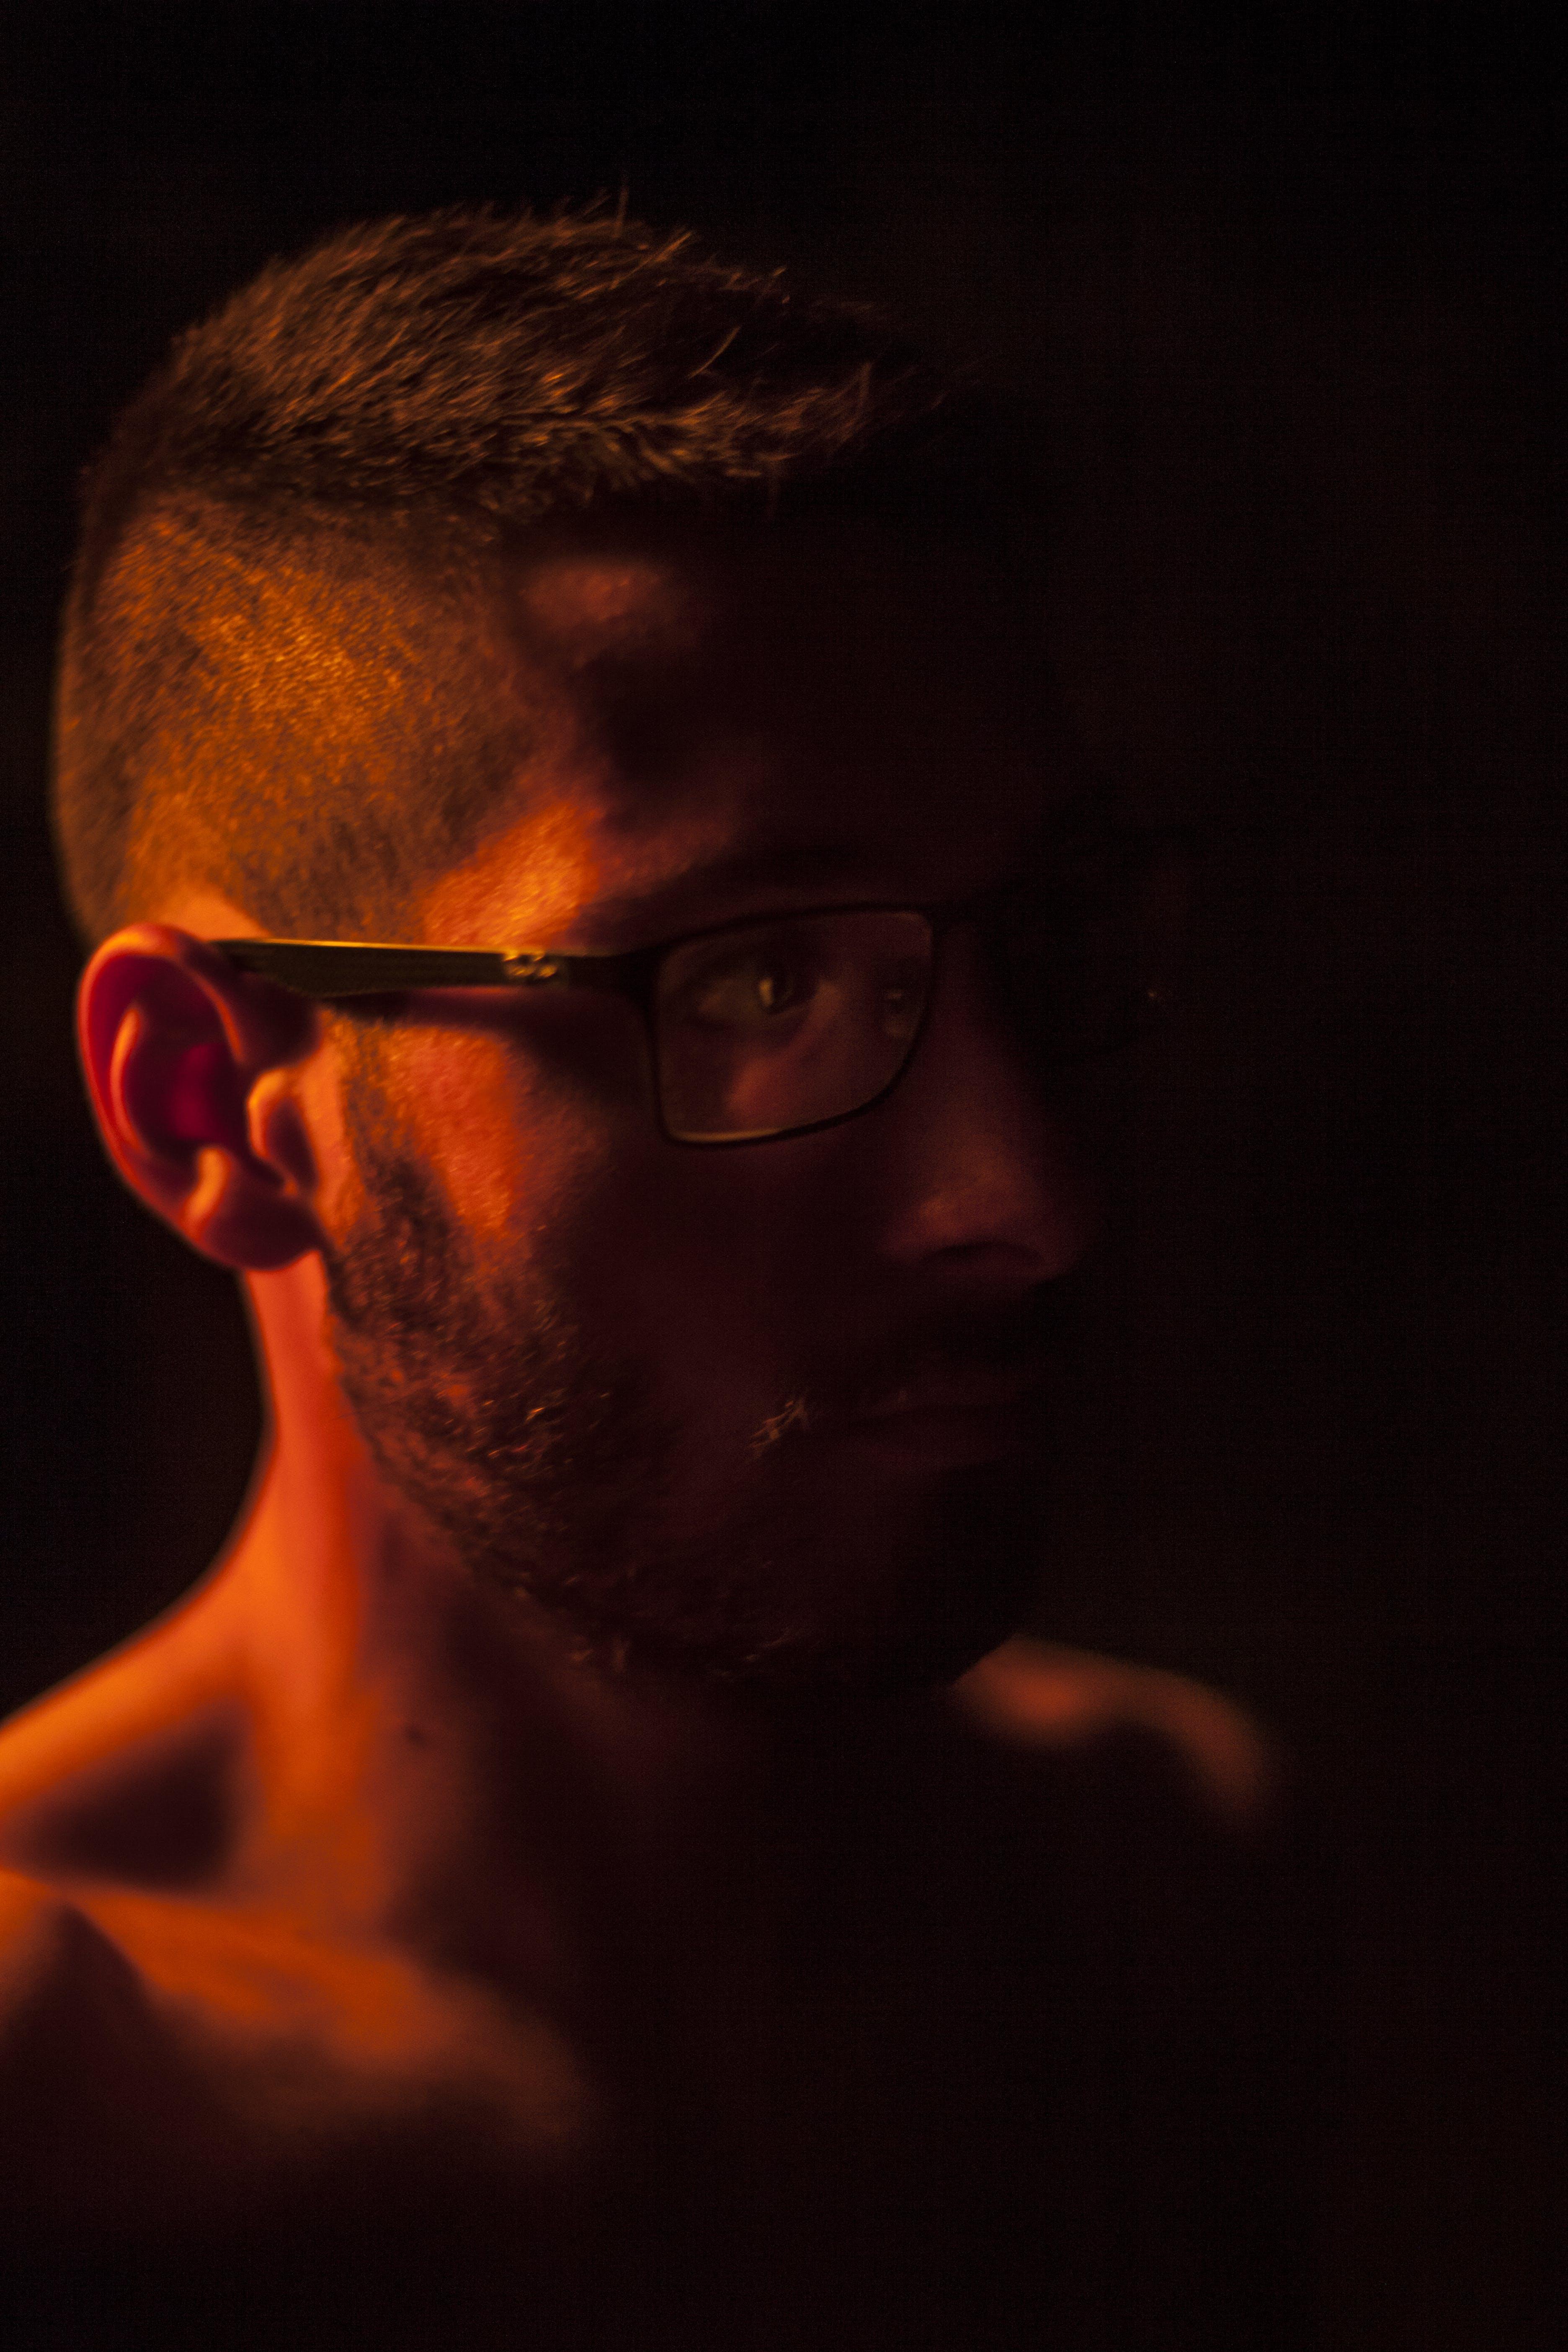 Kostenloses Stock Foto zu bart, brillen, dunkel, erwachsener